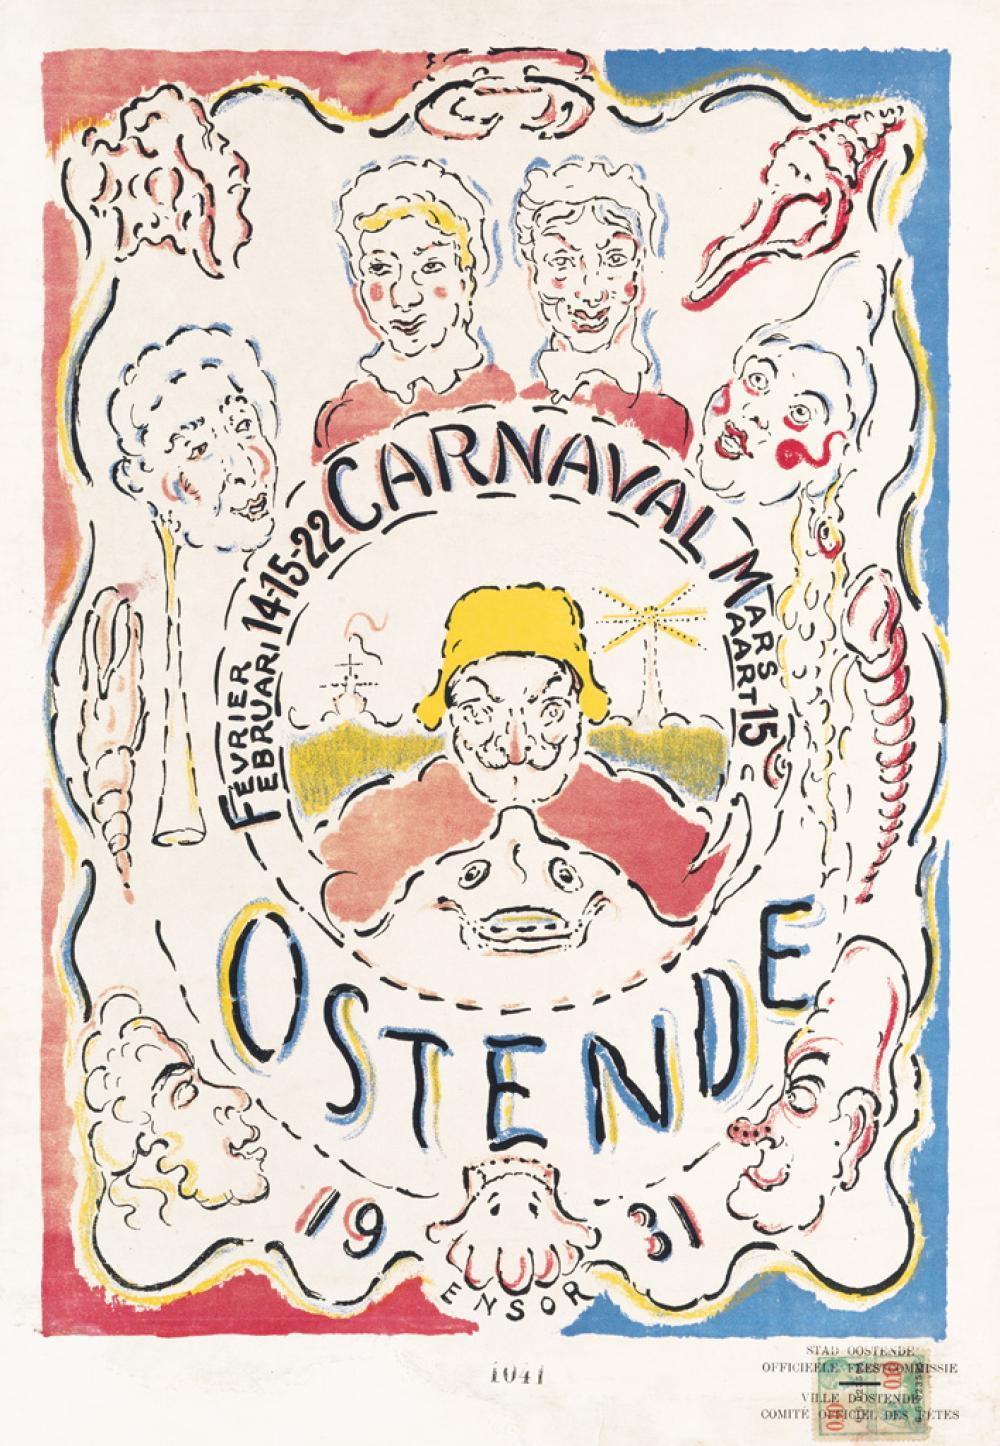 JAMES ENSOR Affiche pour le Carnaval d'Ostende.